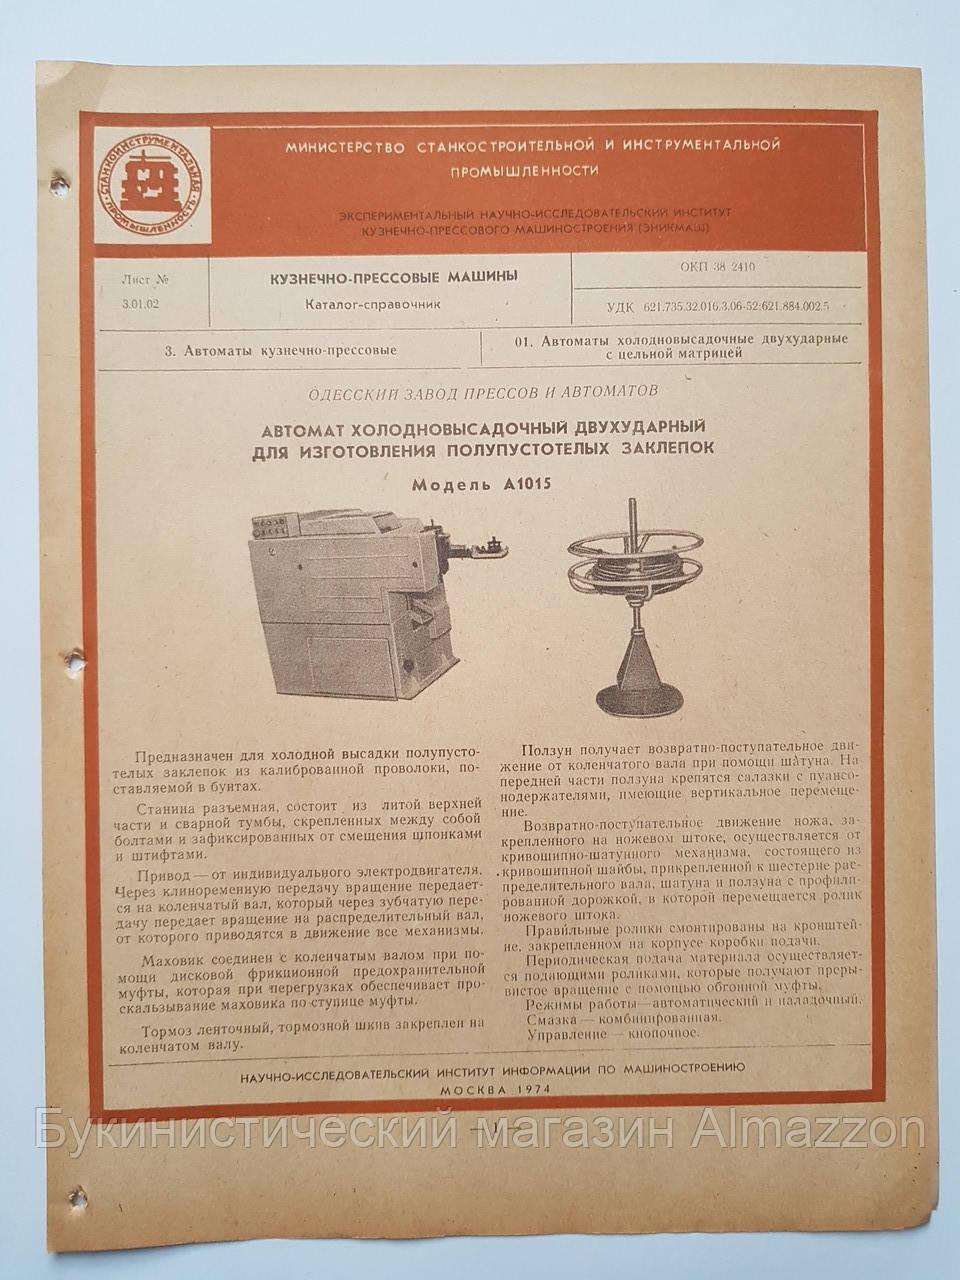 Журнал (Бюллетень) Автомат холодновысадочный двухударный для изготовления полупустотелых заклепок А1015